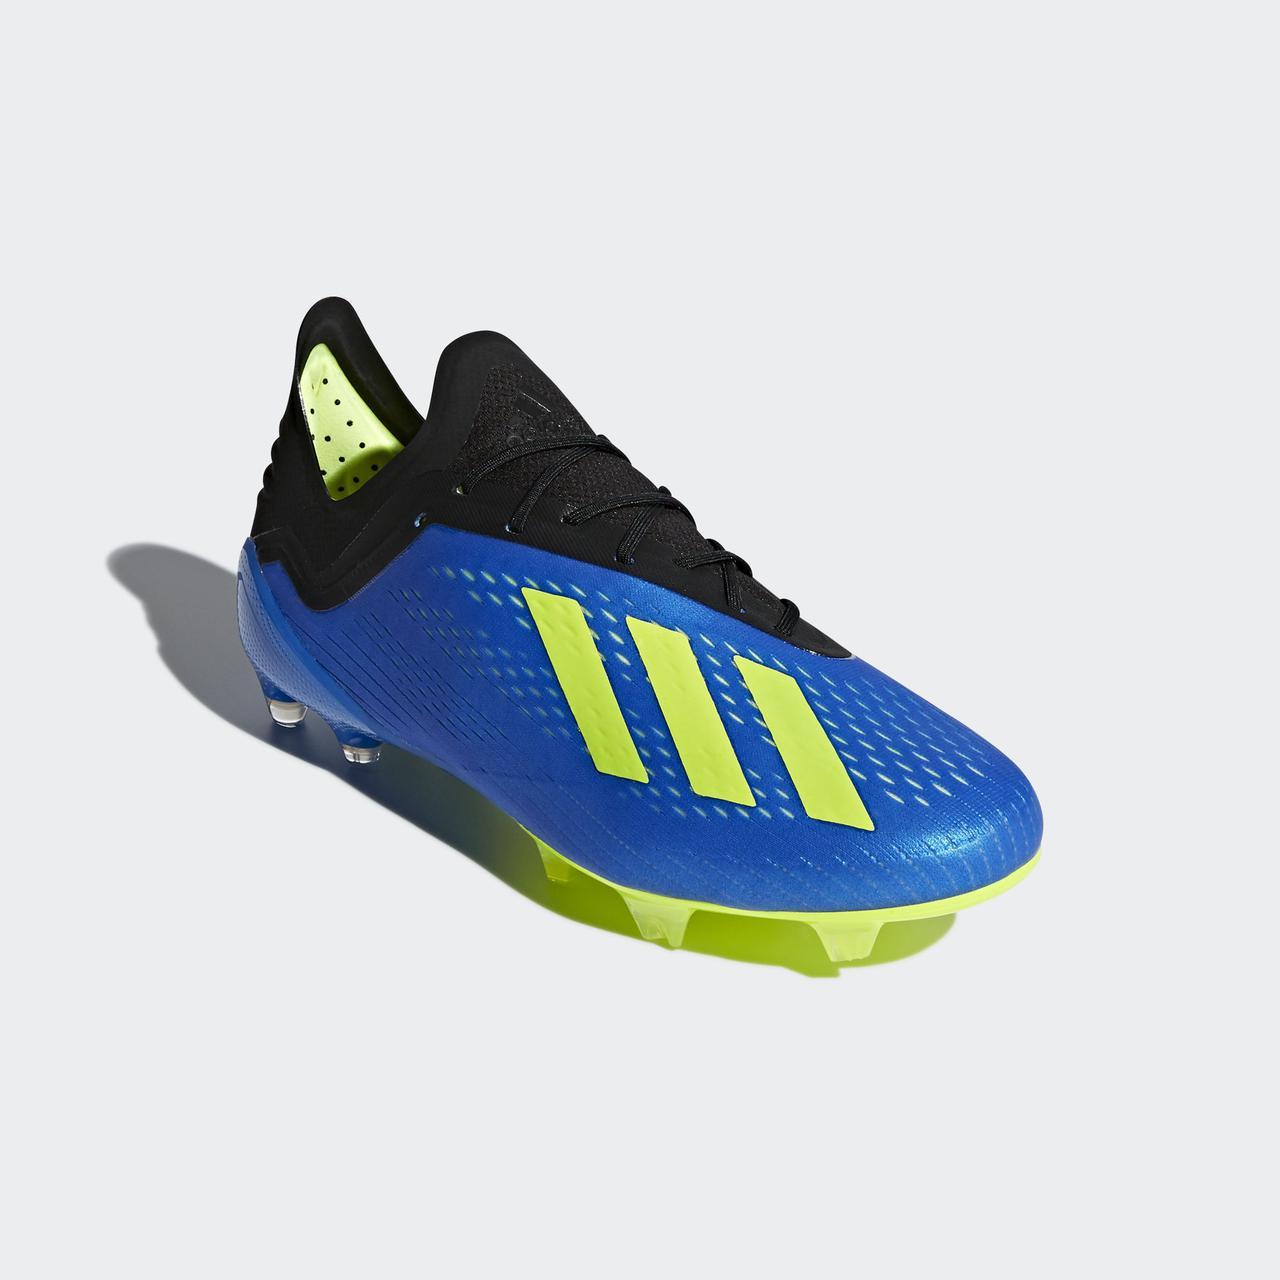 f5420c61 Купить Футбольные бутсы Adidas Performance X 18.1 FG (Артикул ...